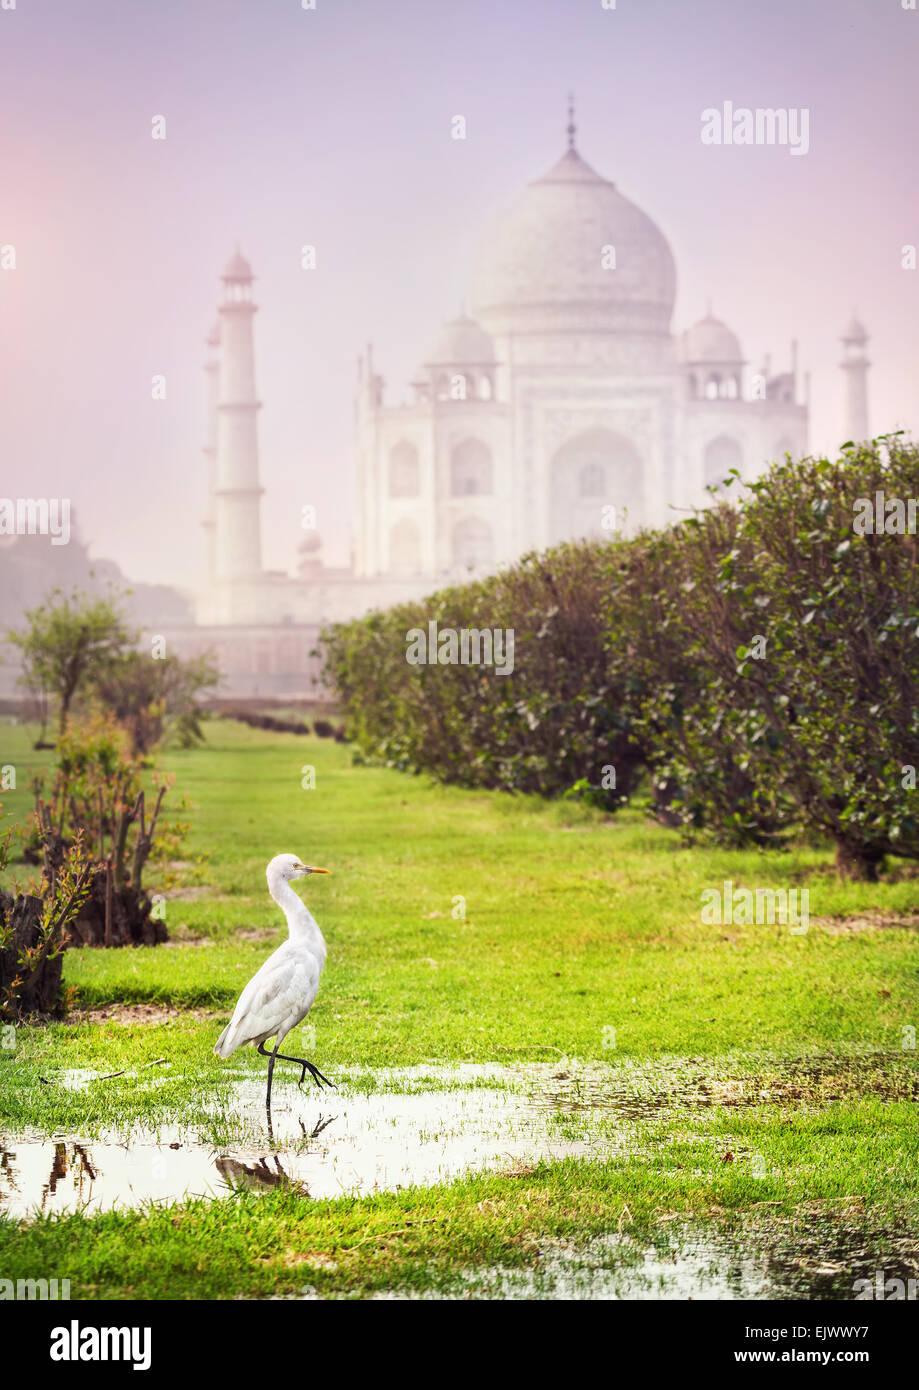 Garza blanca en la Mehtab Bagh jardín con vista del Taj Mahal en Agra, Uttar Pradesh, India Imagen De Stock